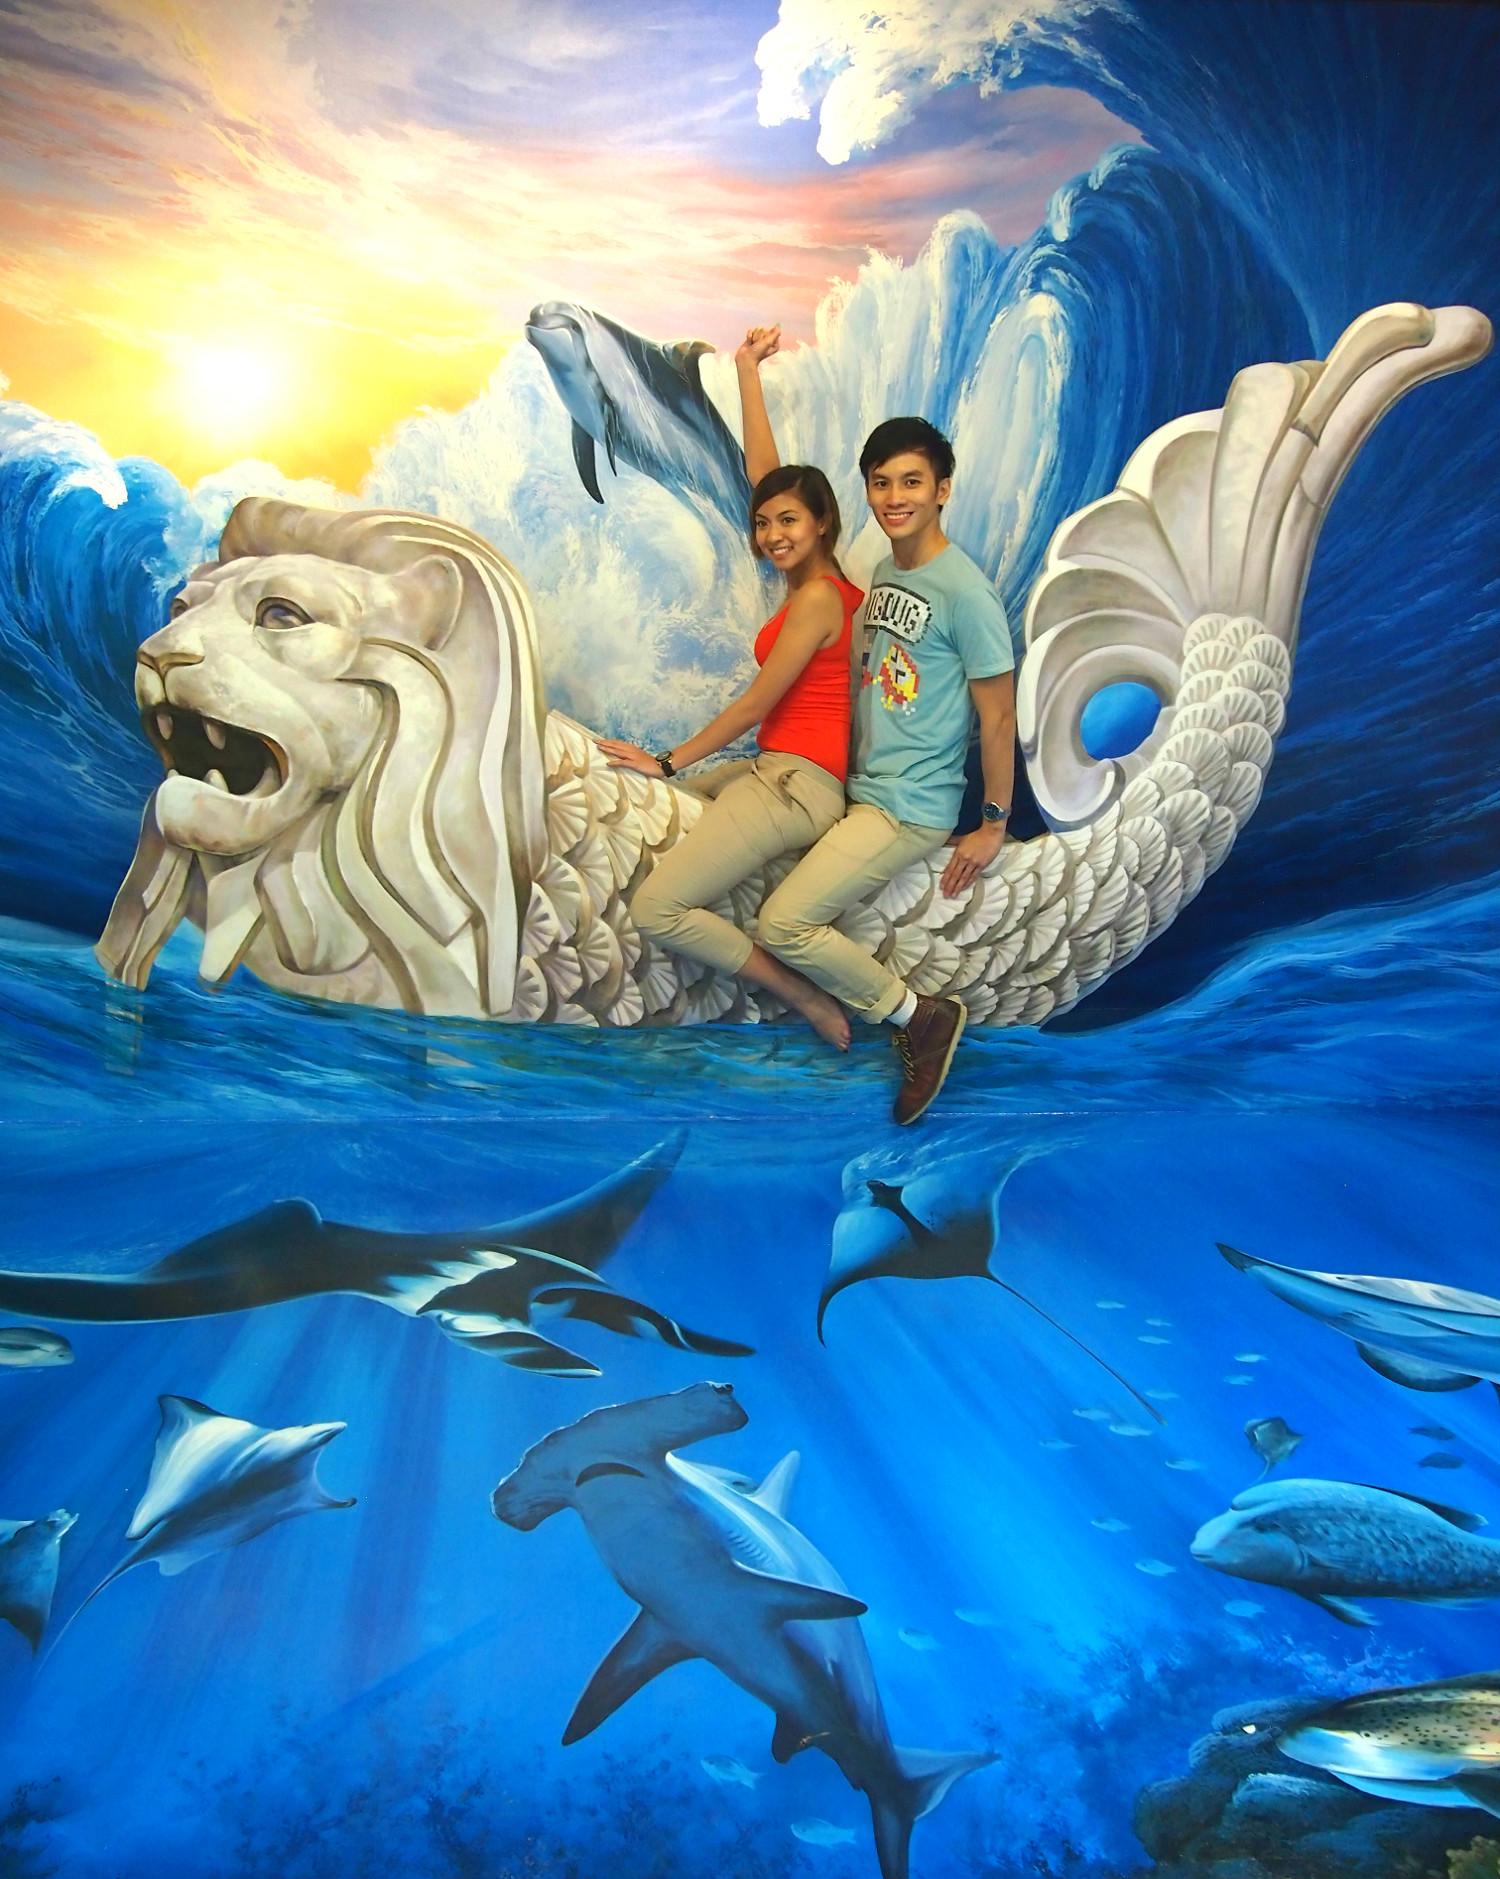 3D фотографии из Музея оптических иллюзий Сингапура